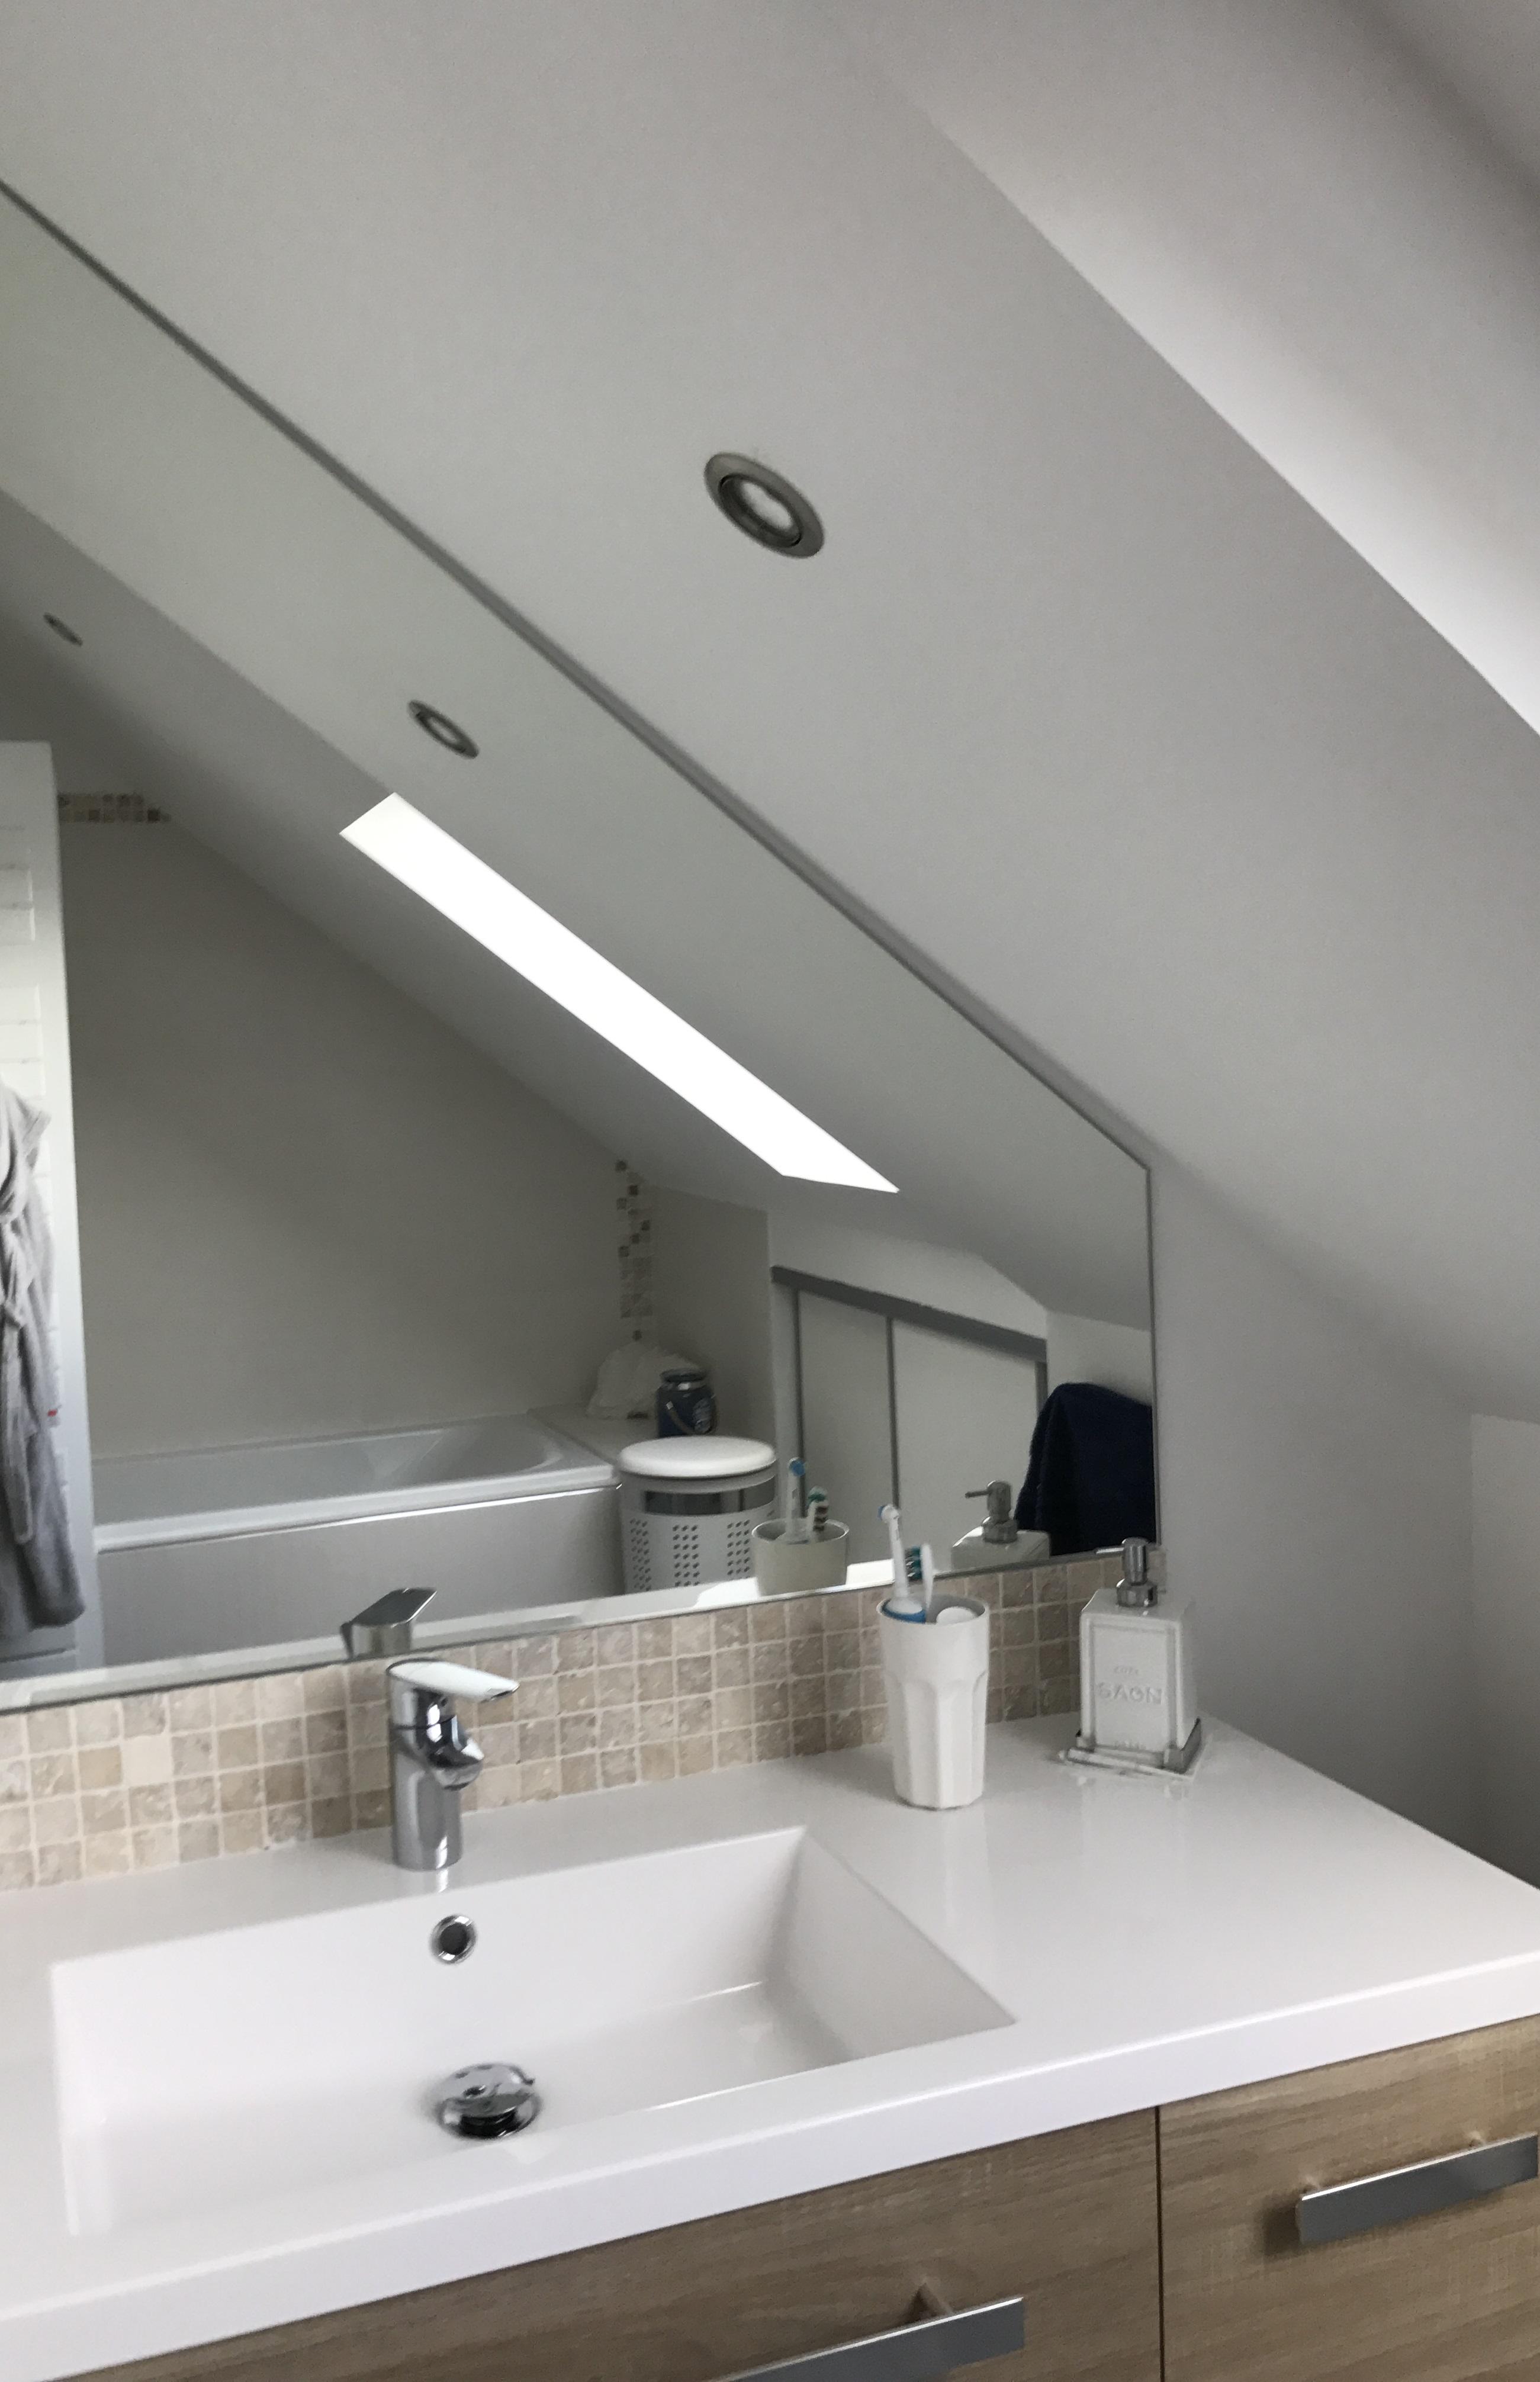 Salle De Bains Espace Public ~ r nover sa salle de bains projets maison